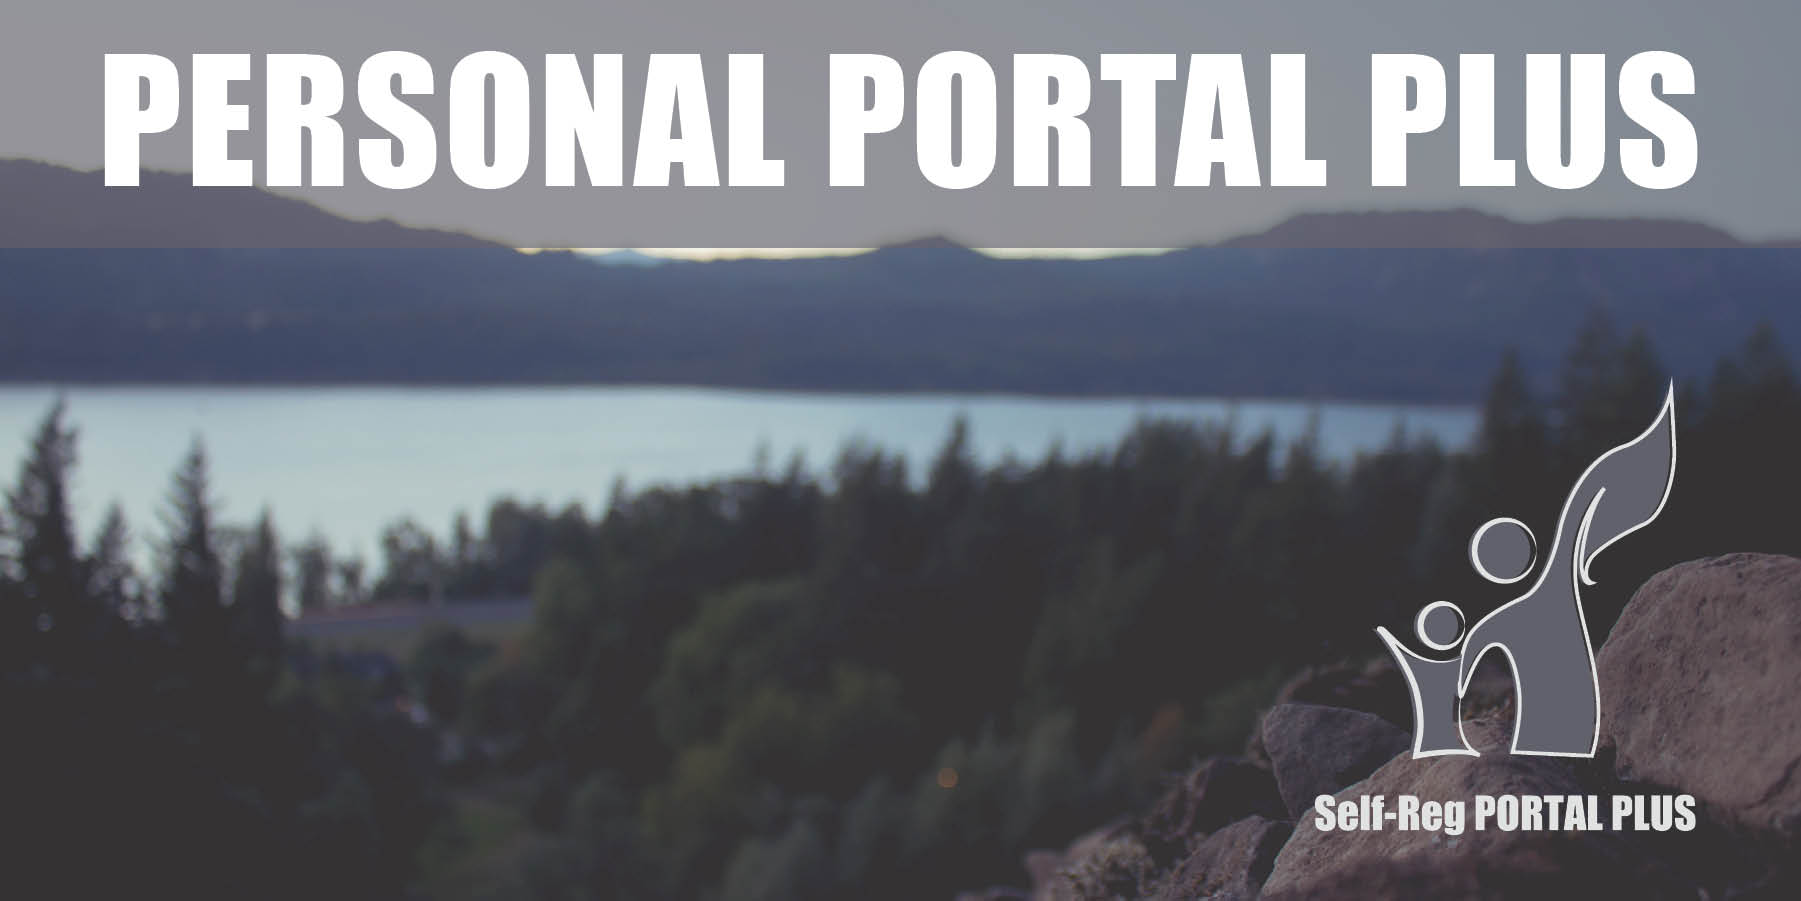 Personal Portal Plus